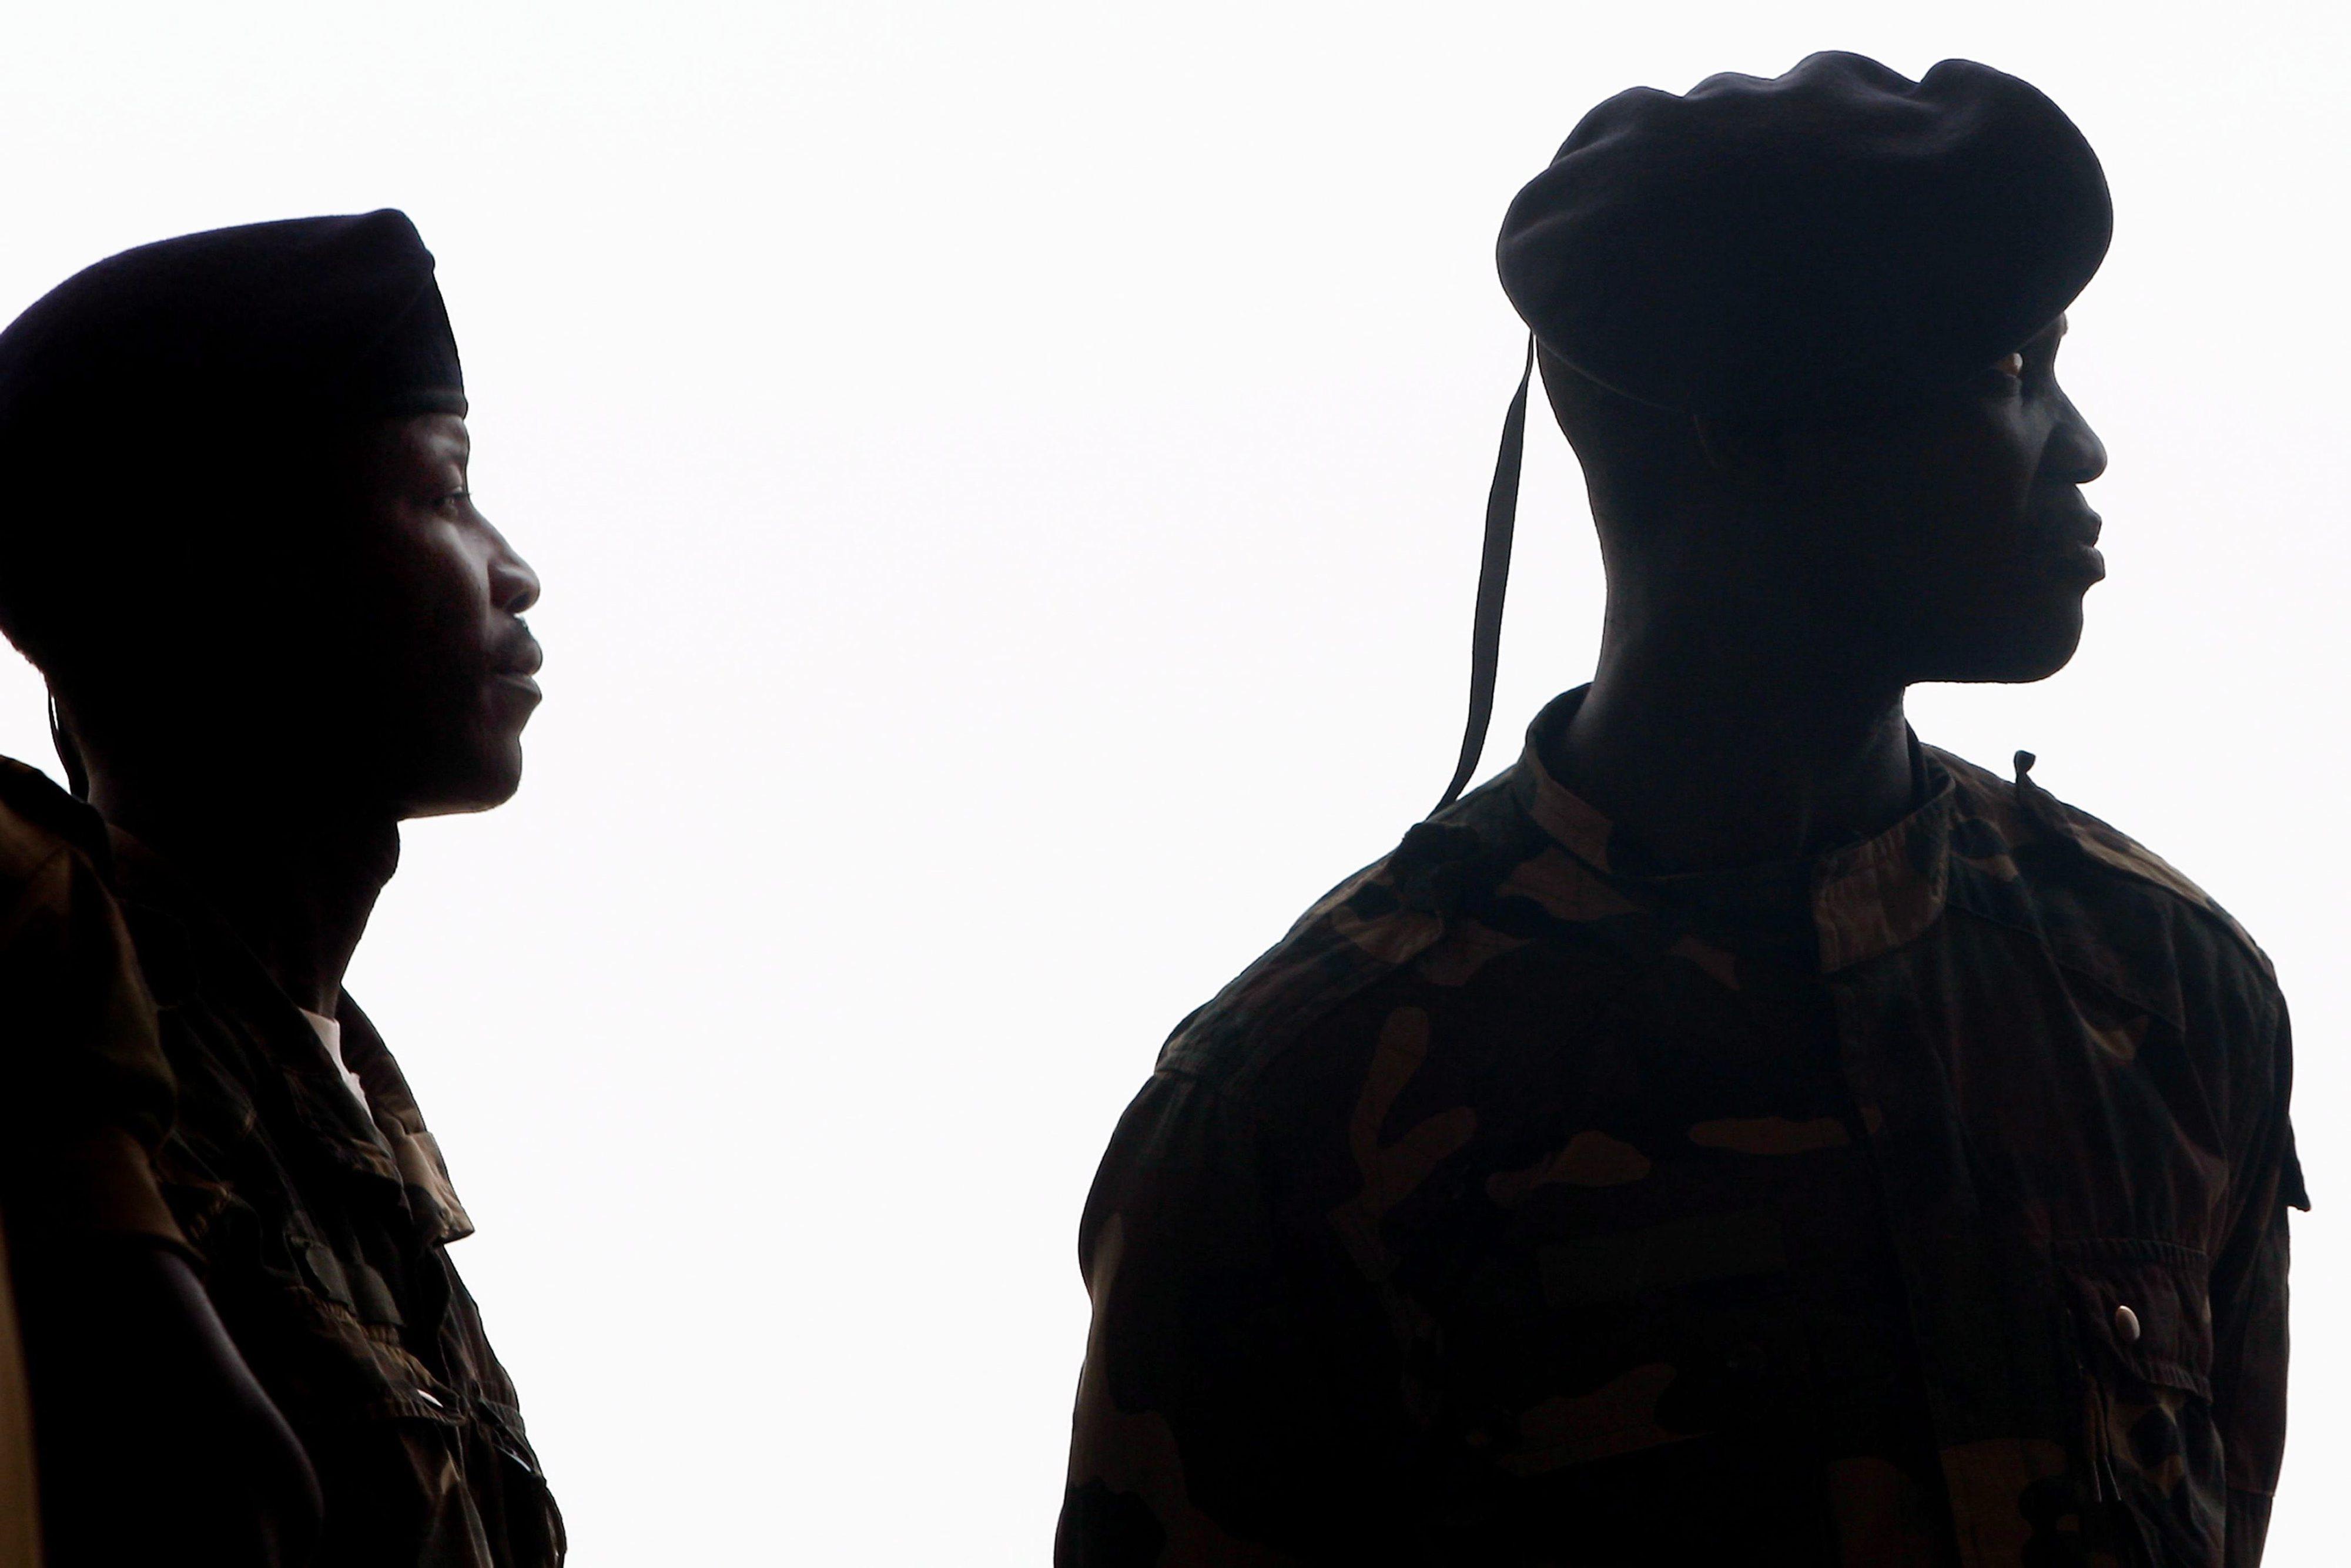 Liga Guineense dos Direitos Humanos critica presença de militares nas ruas de Bissau